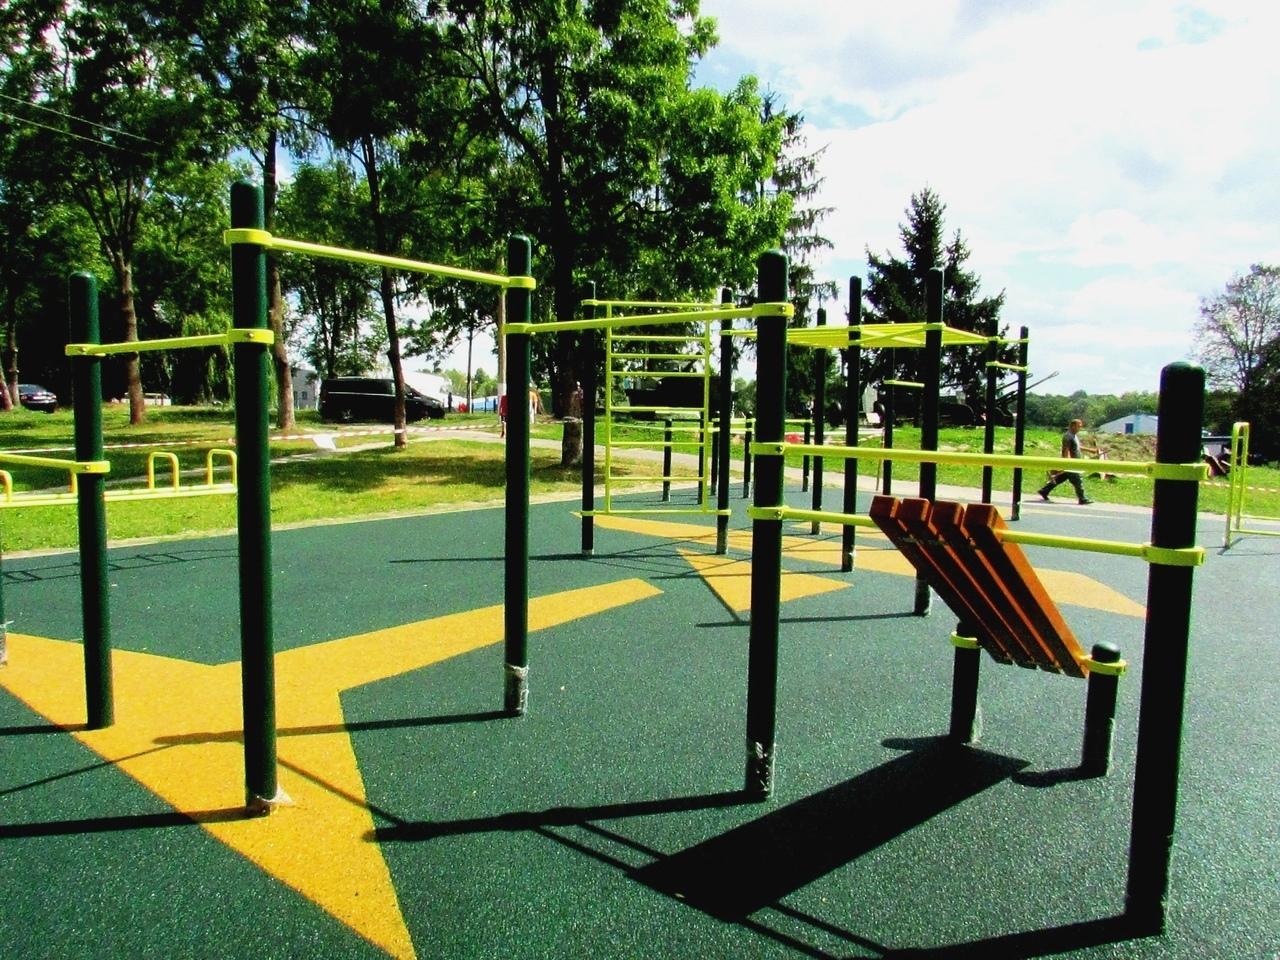 В Лихославльском районе Тверской области установят новую спортивную площадку